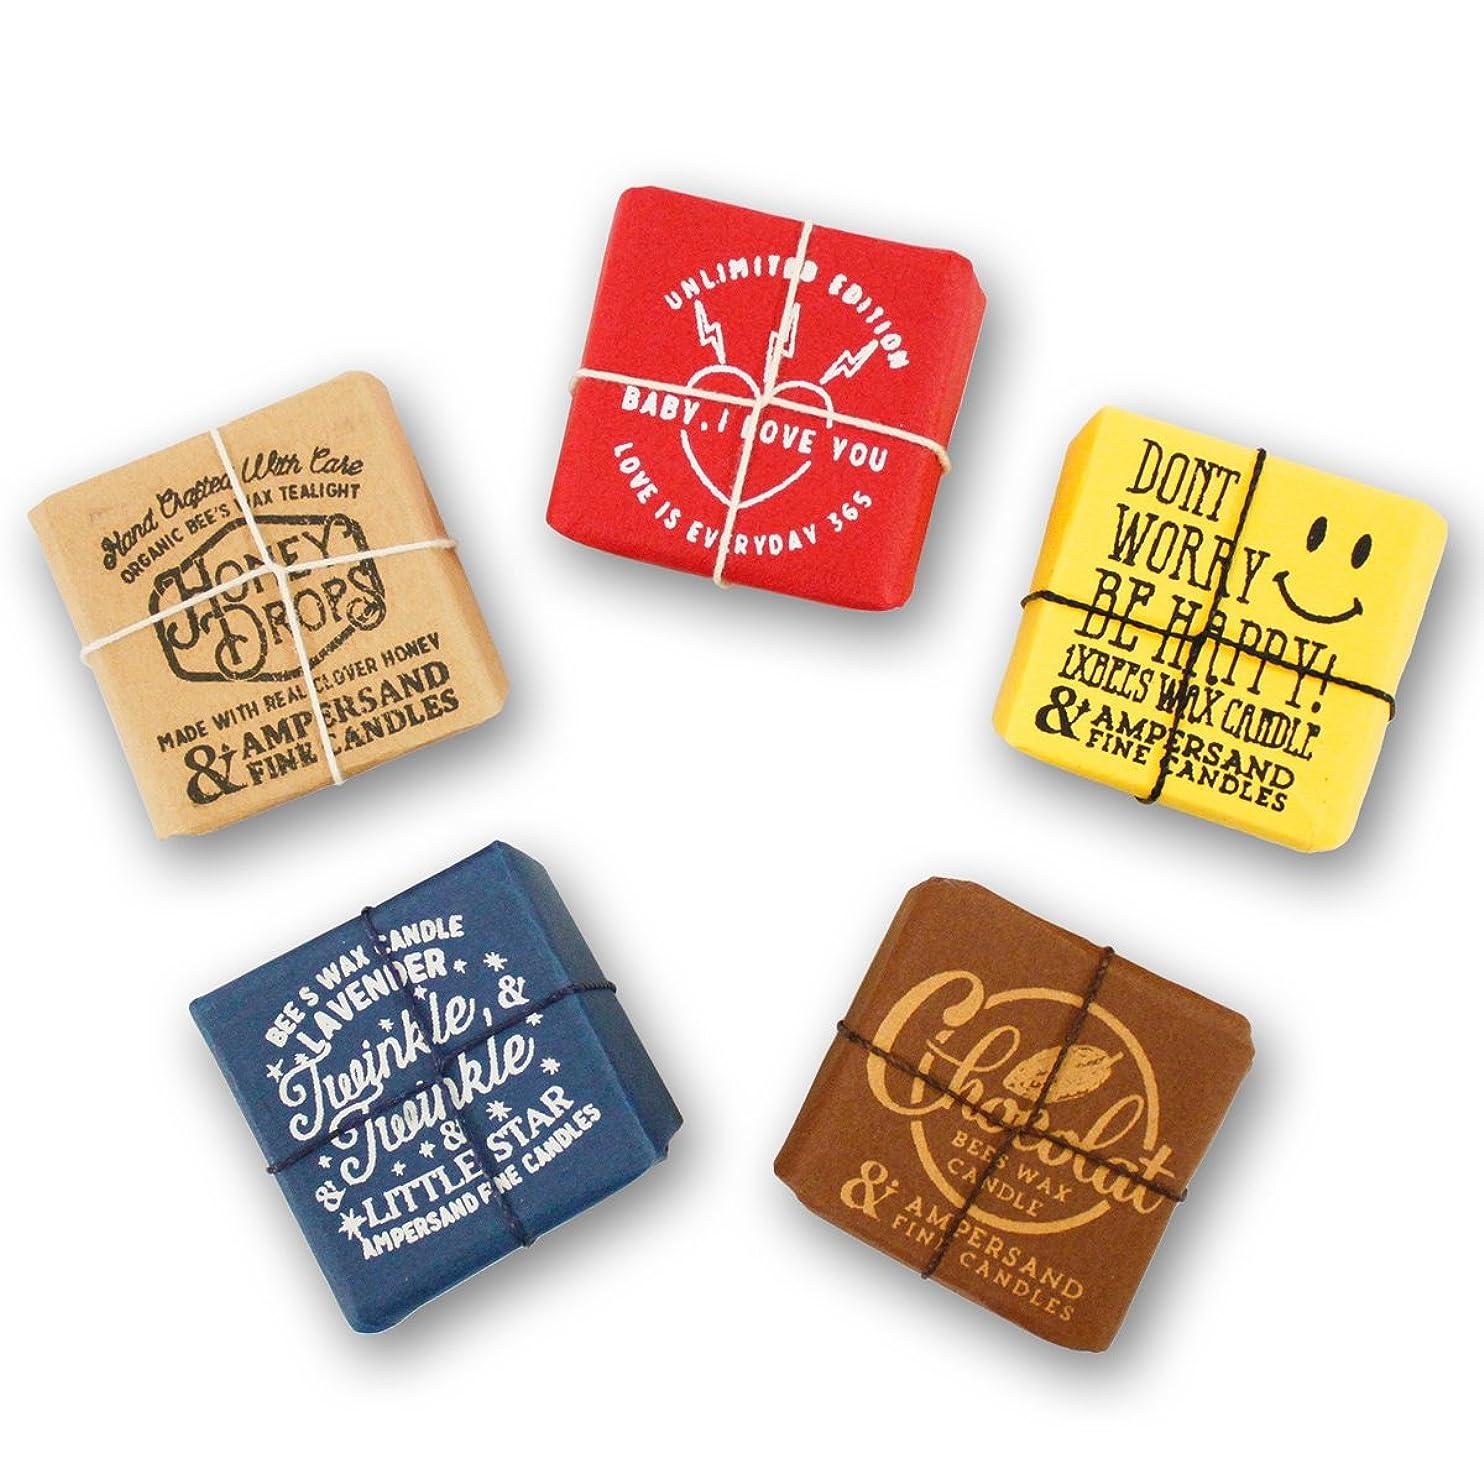 ポインタ沈黙マンハッタンAmpersand Fine Candles(アンパサンド ファイン キャンドル)キャンドル ルームフレグランス ASingle Bees [ 5type ] アロマ ギフト オーガニック OS,Chocolate